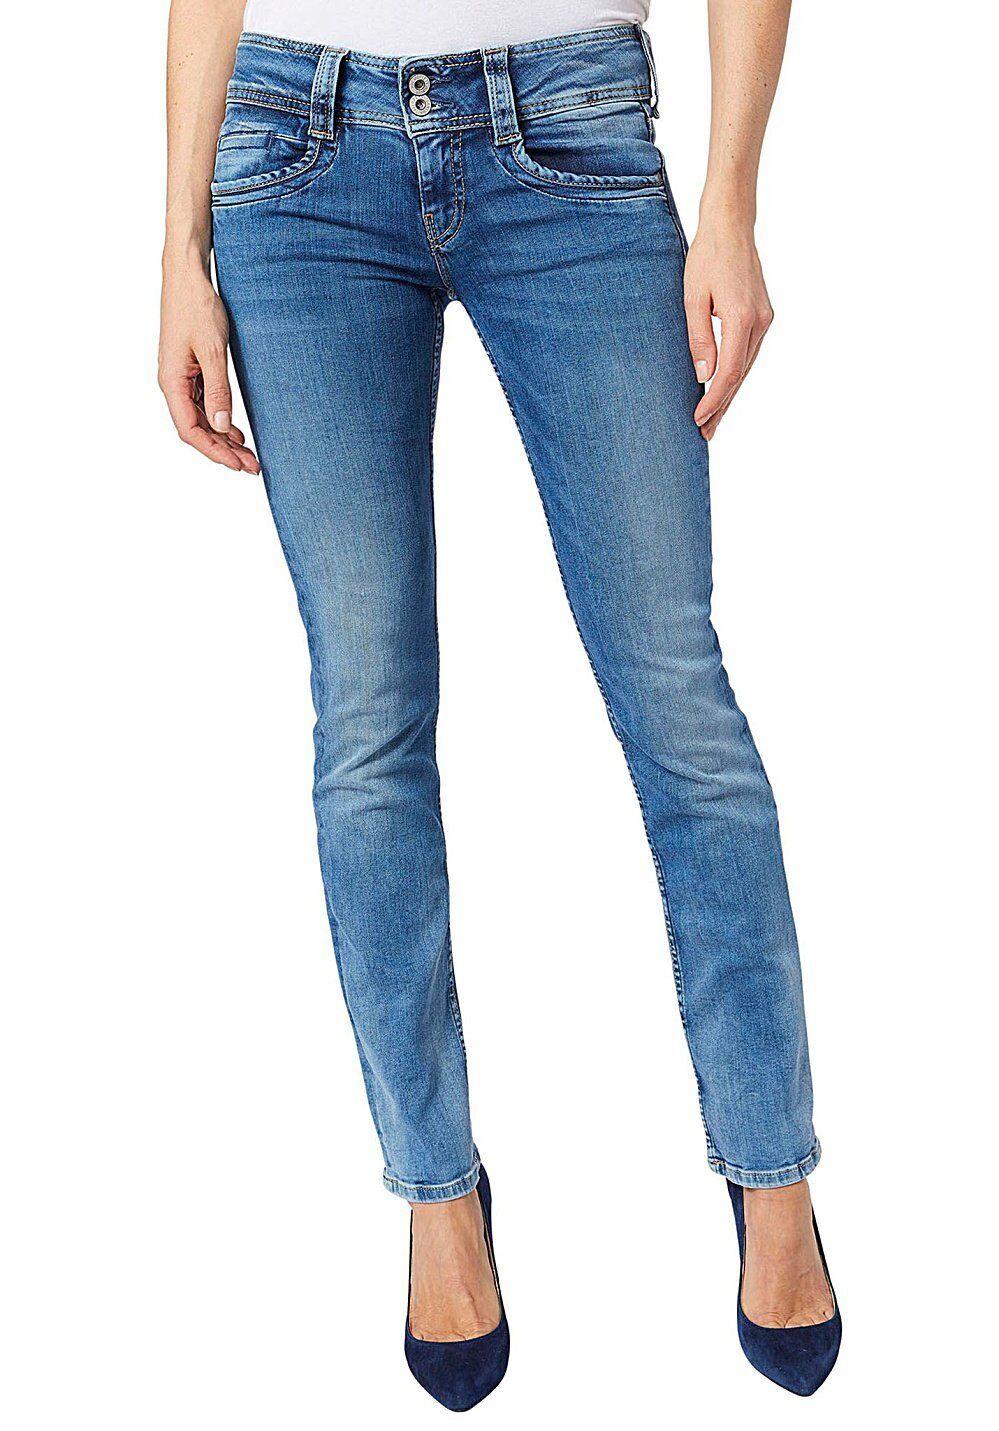 Pepe Jeans  GEN Medium Powerflex Jeans